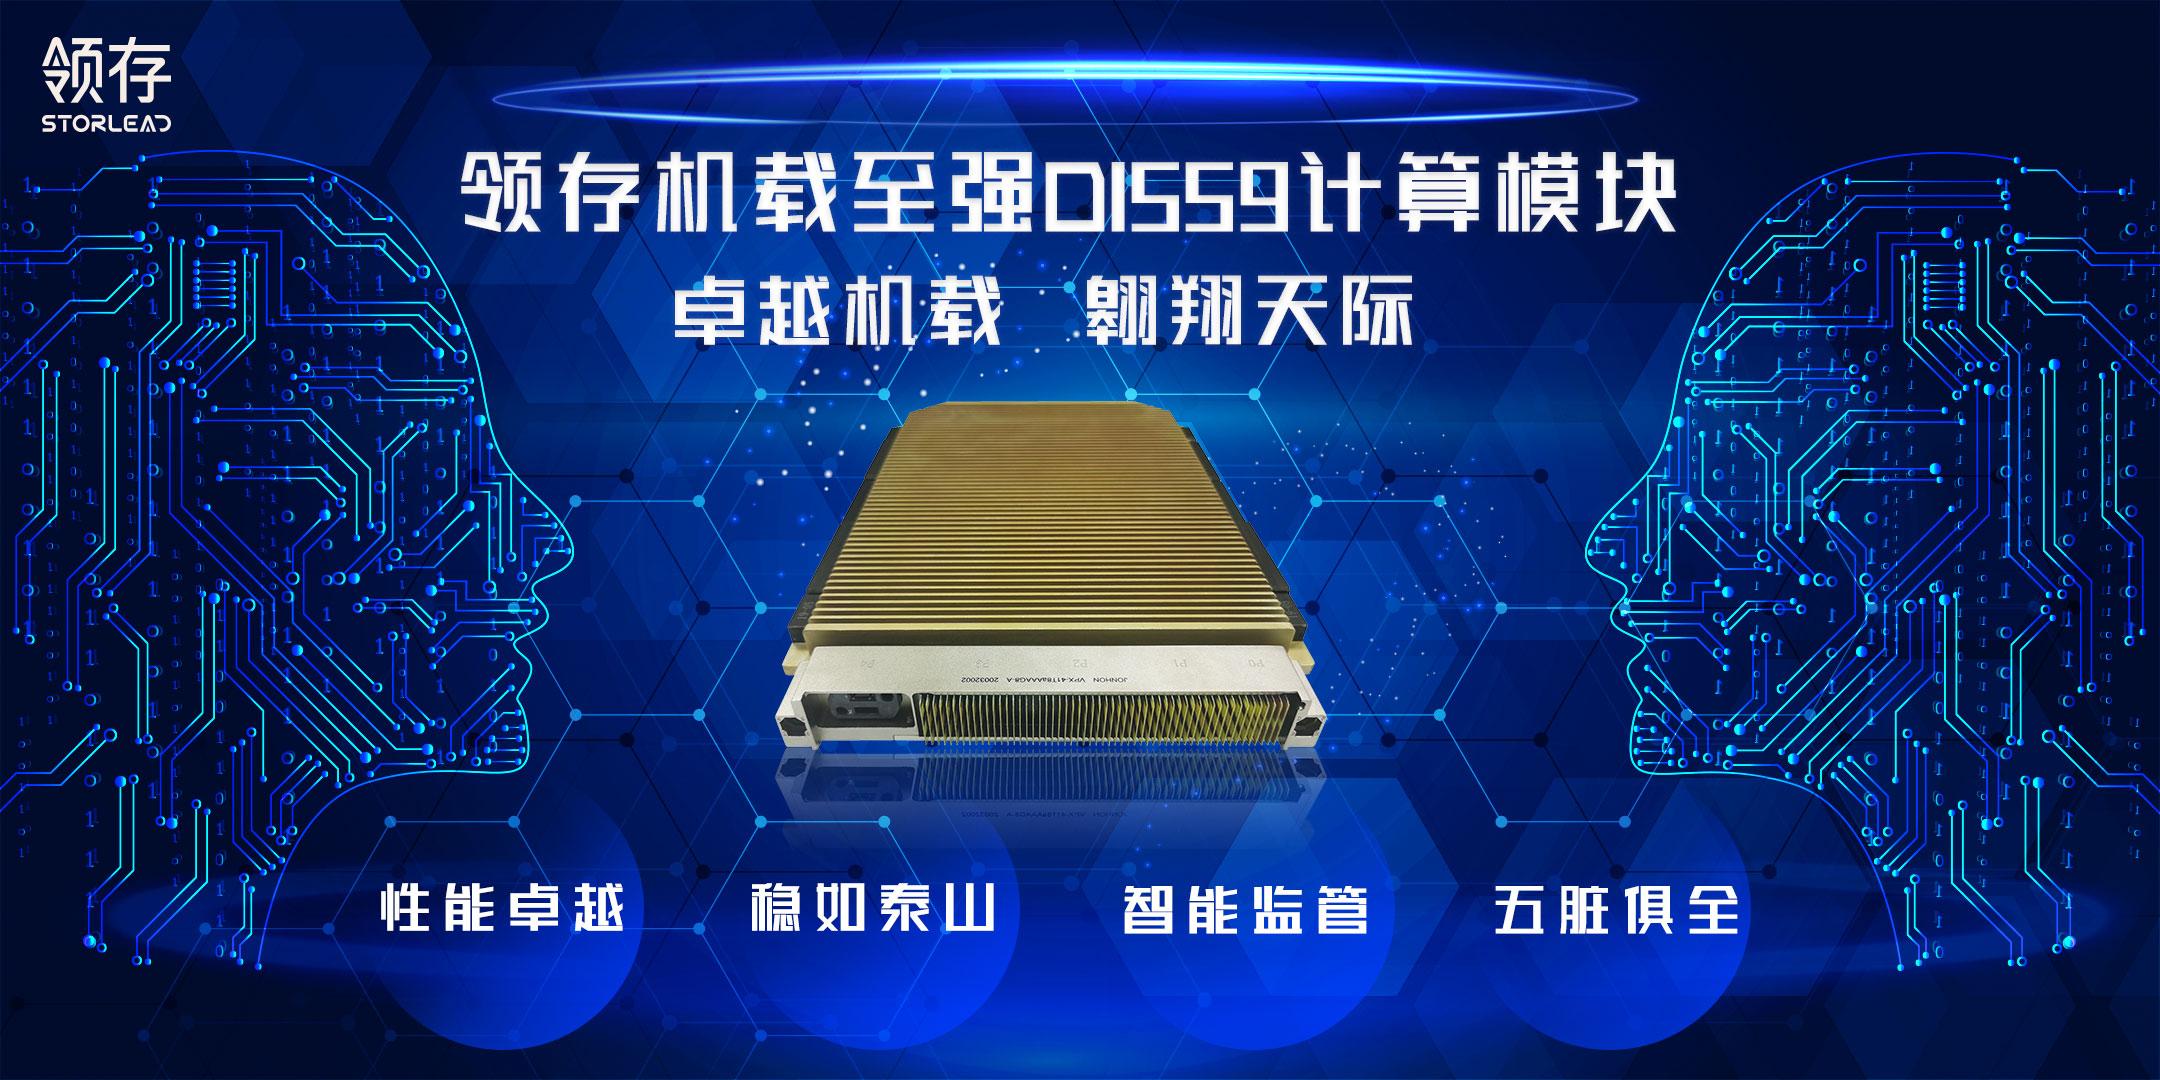 领存机载至强D1559计算模块的功能特性